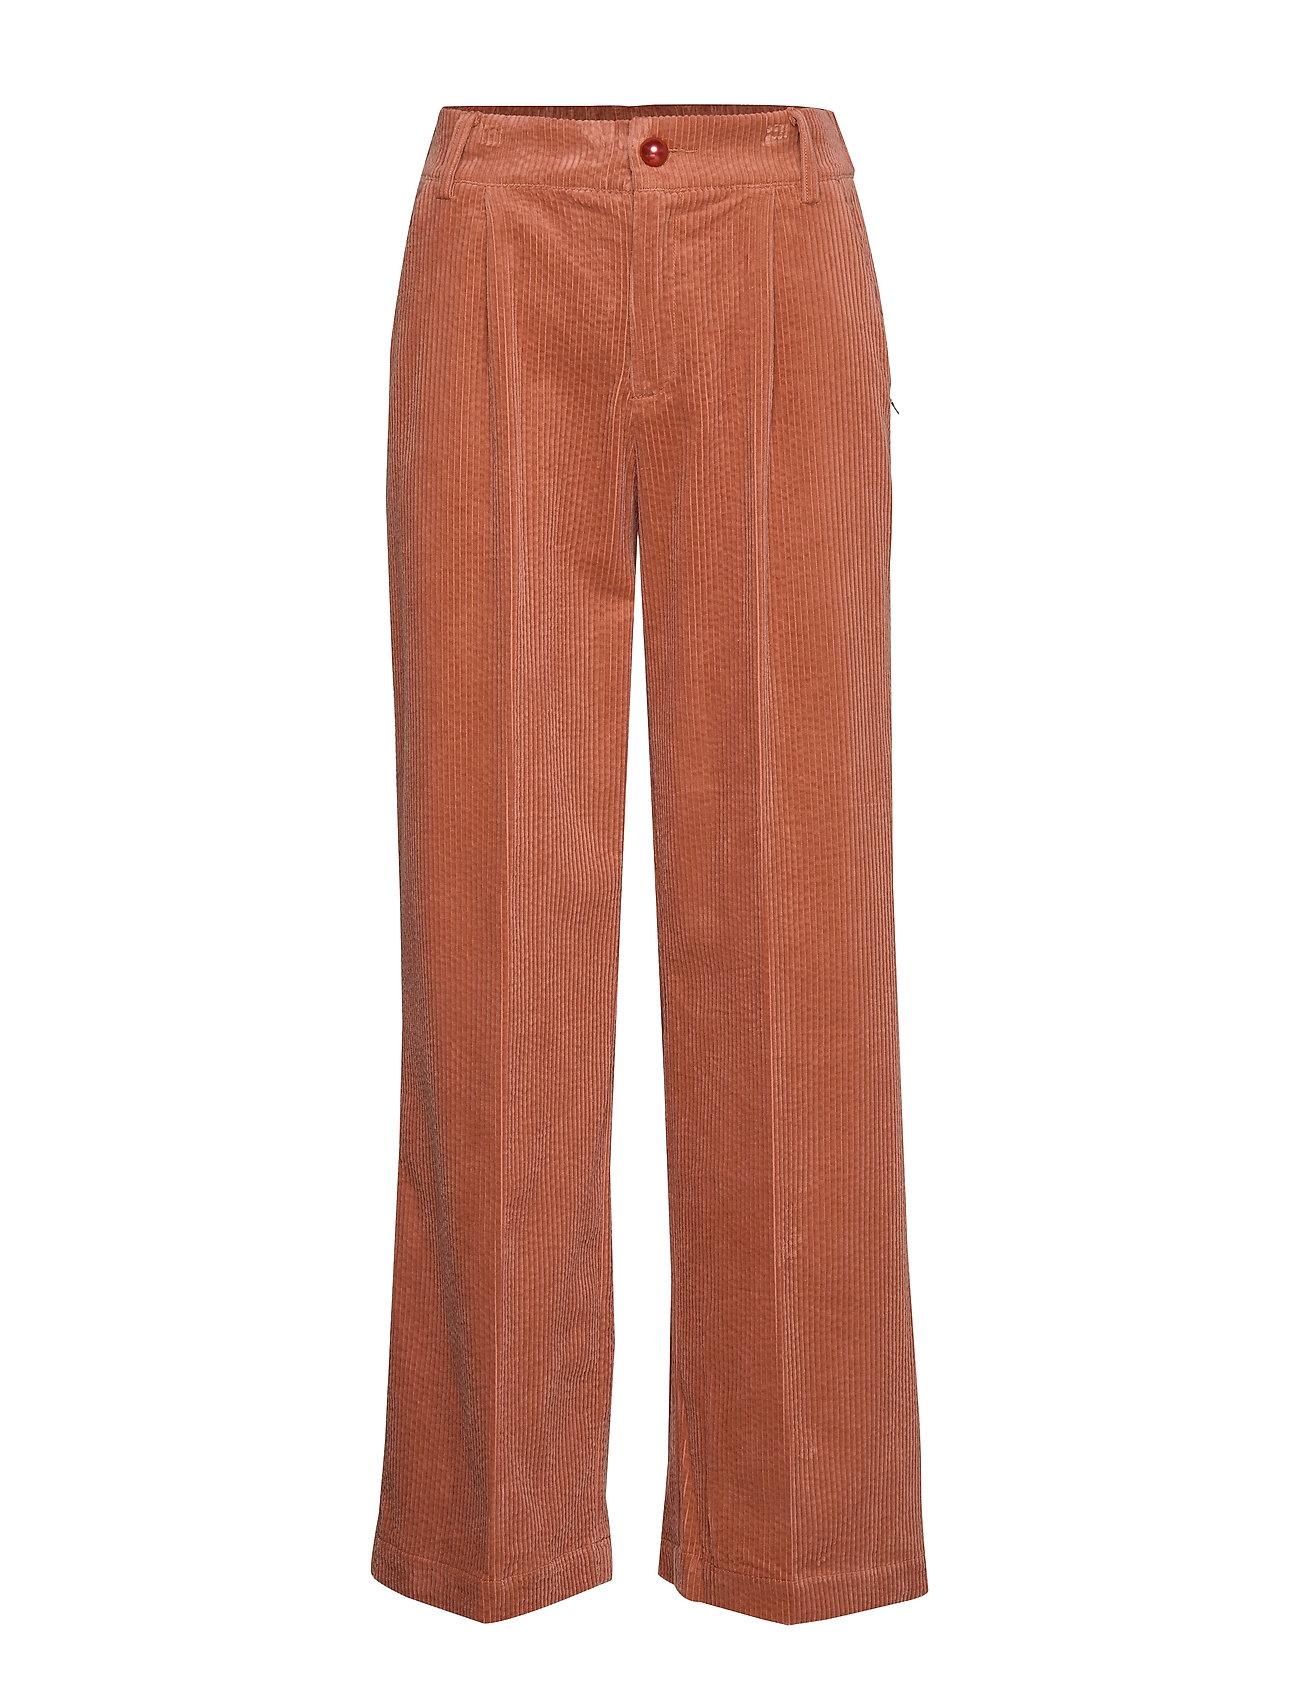 Coster Copenhagen Pants in corduroy w. elastic waistb - ORANGE MIST